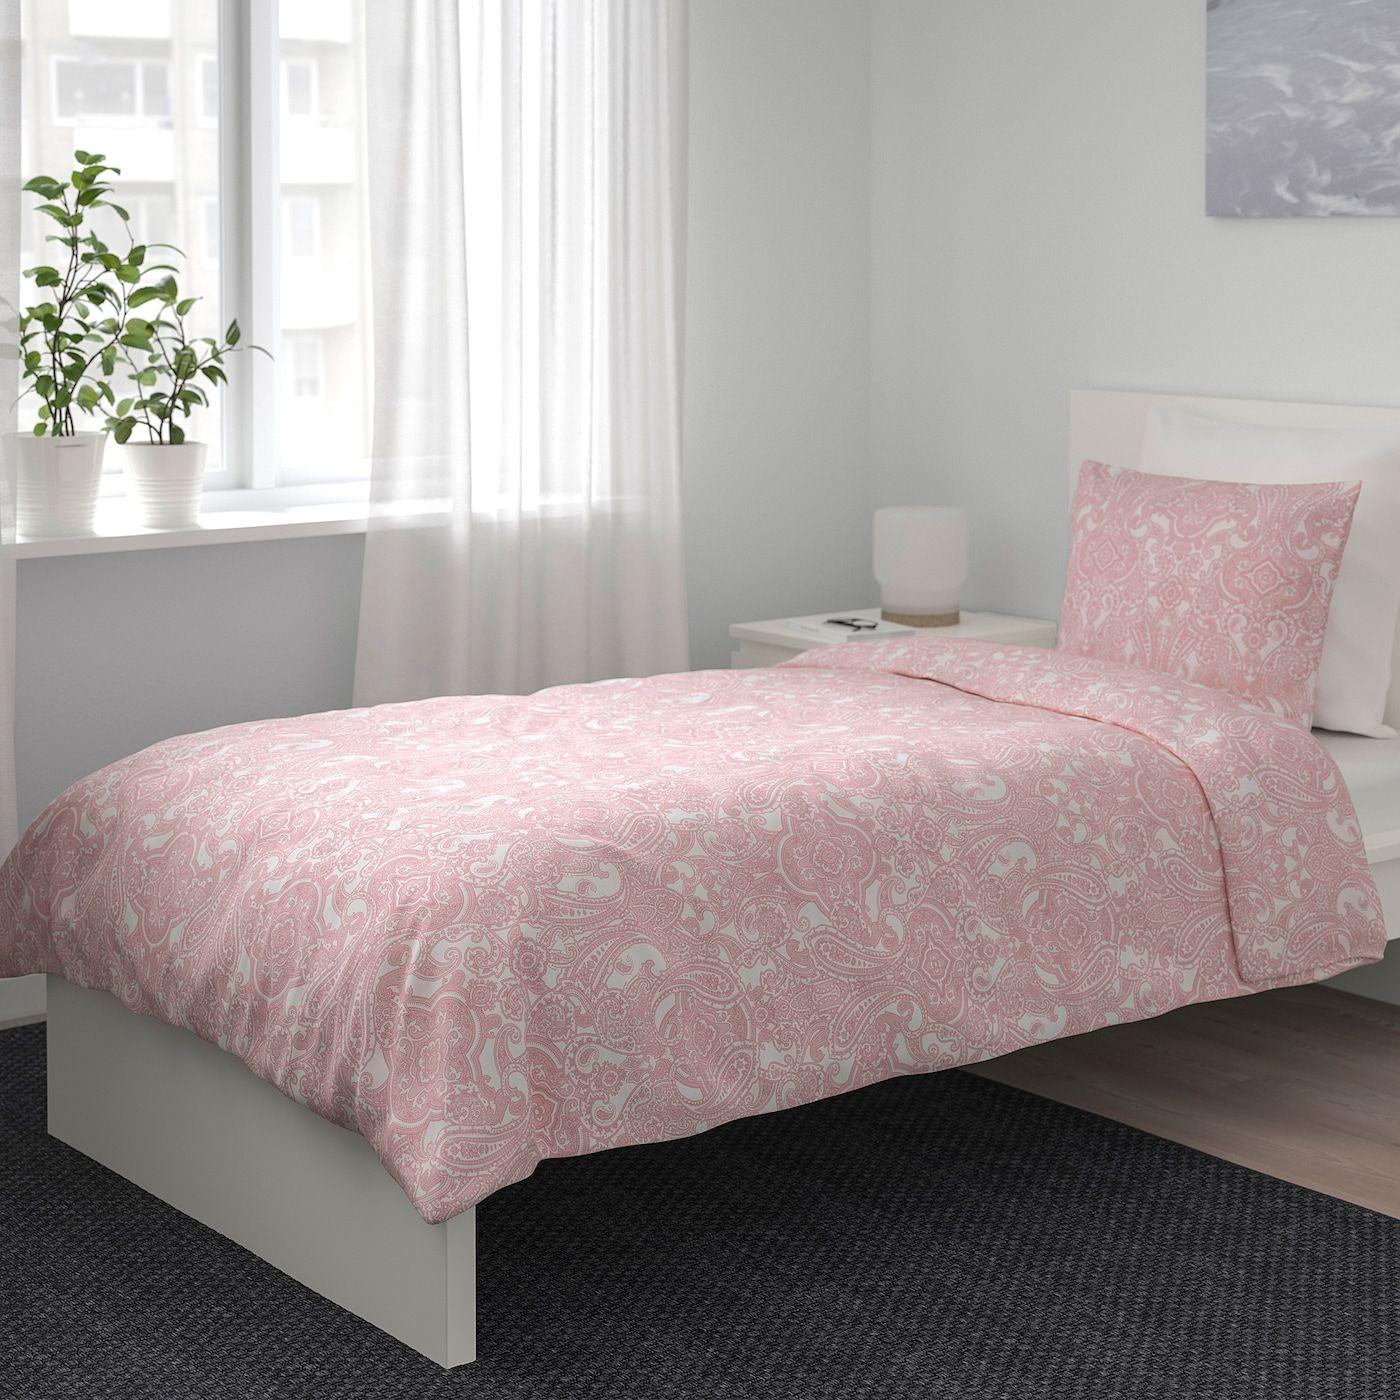 Ikea Bettwasche Rosa Qvc Online Shop Bettwasche